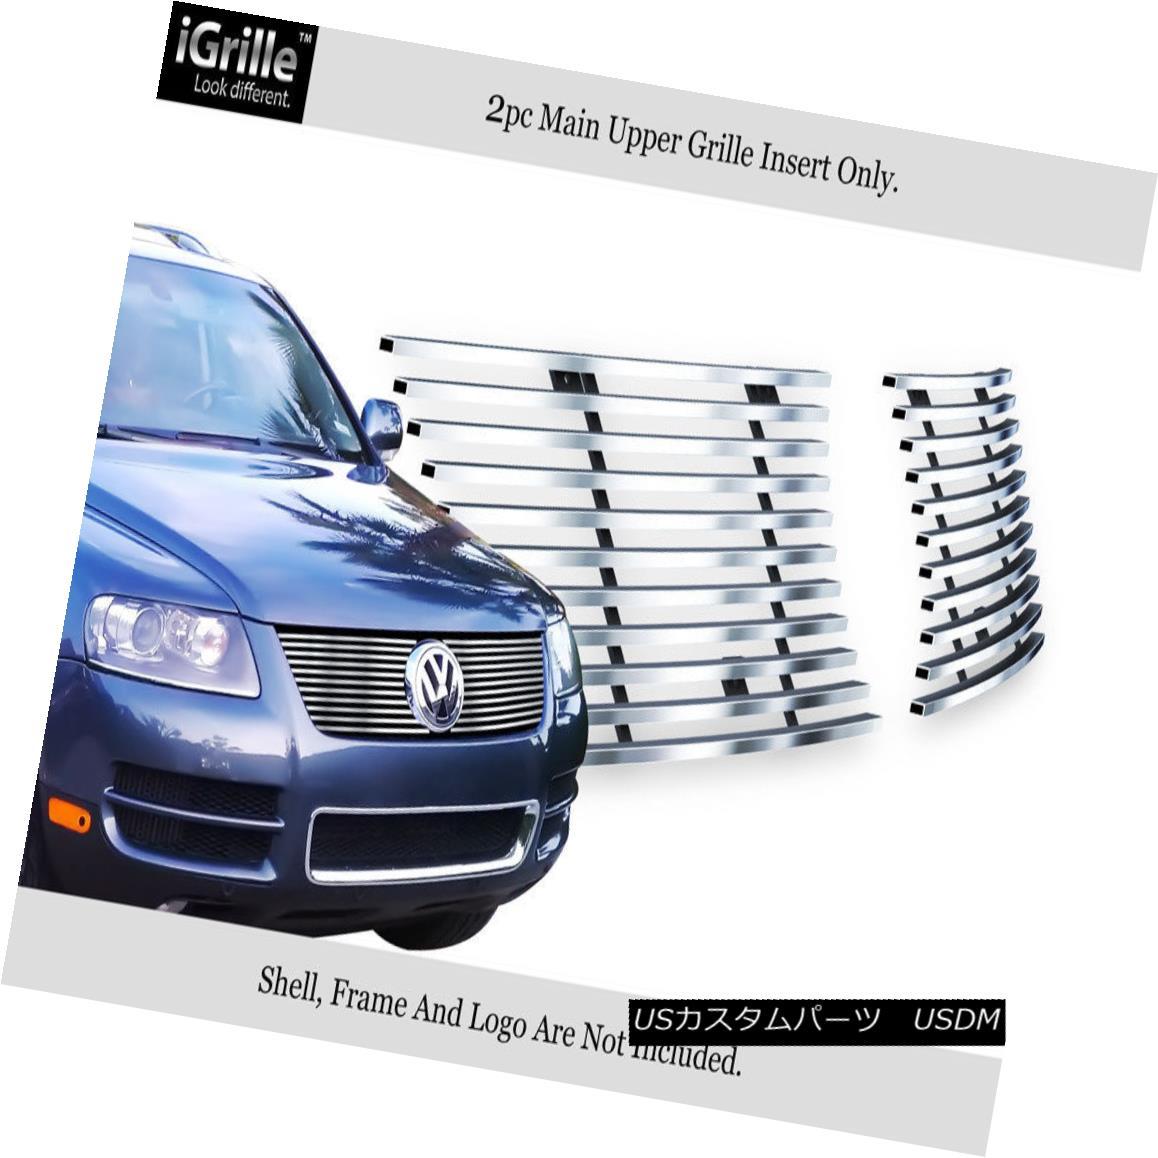 グリル Fits 03-07 VW Volkswagen Touareg Stainless Steel Billet Grille Insert フィット03-07 VWフォルクスワーゲントゥアレグステンレス鋼ビレットグリルインサート